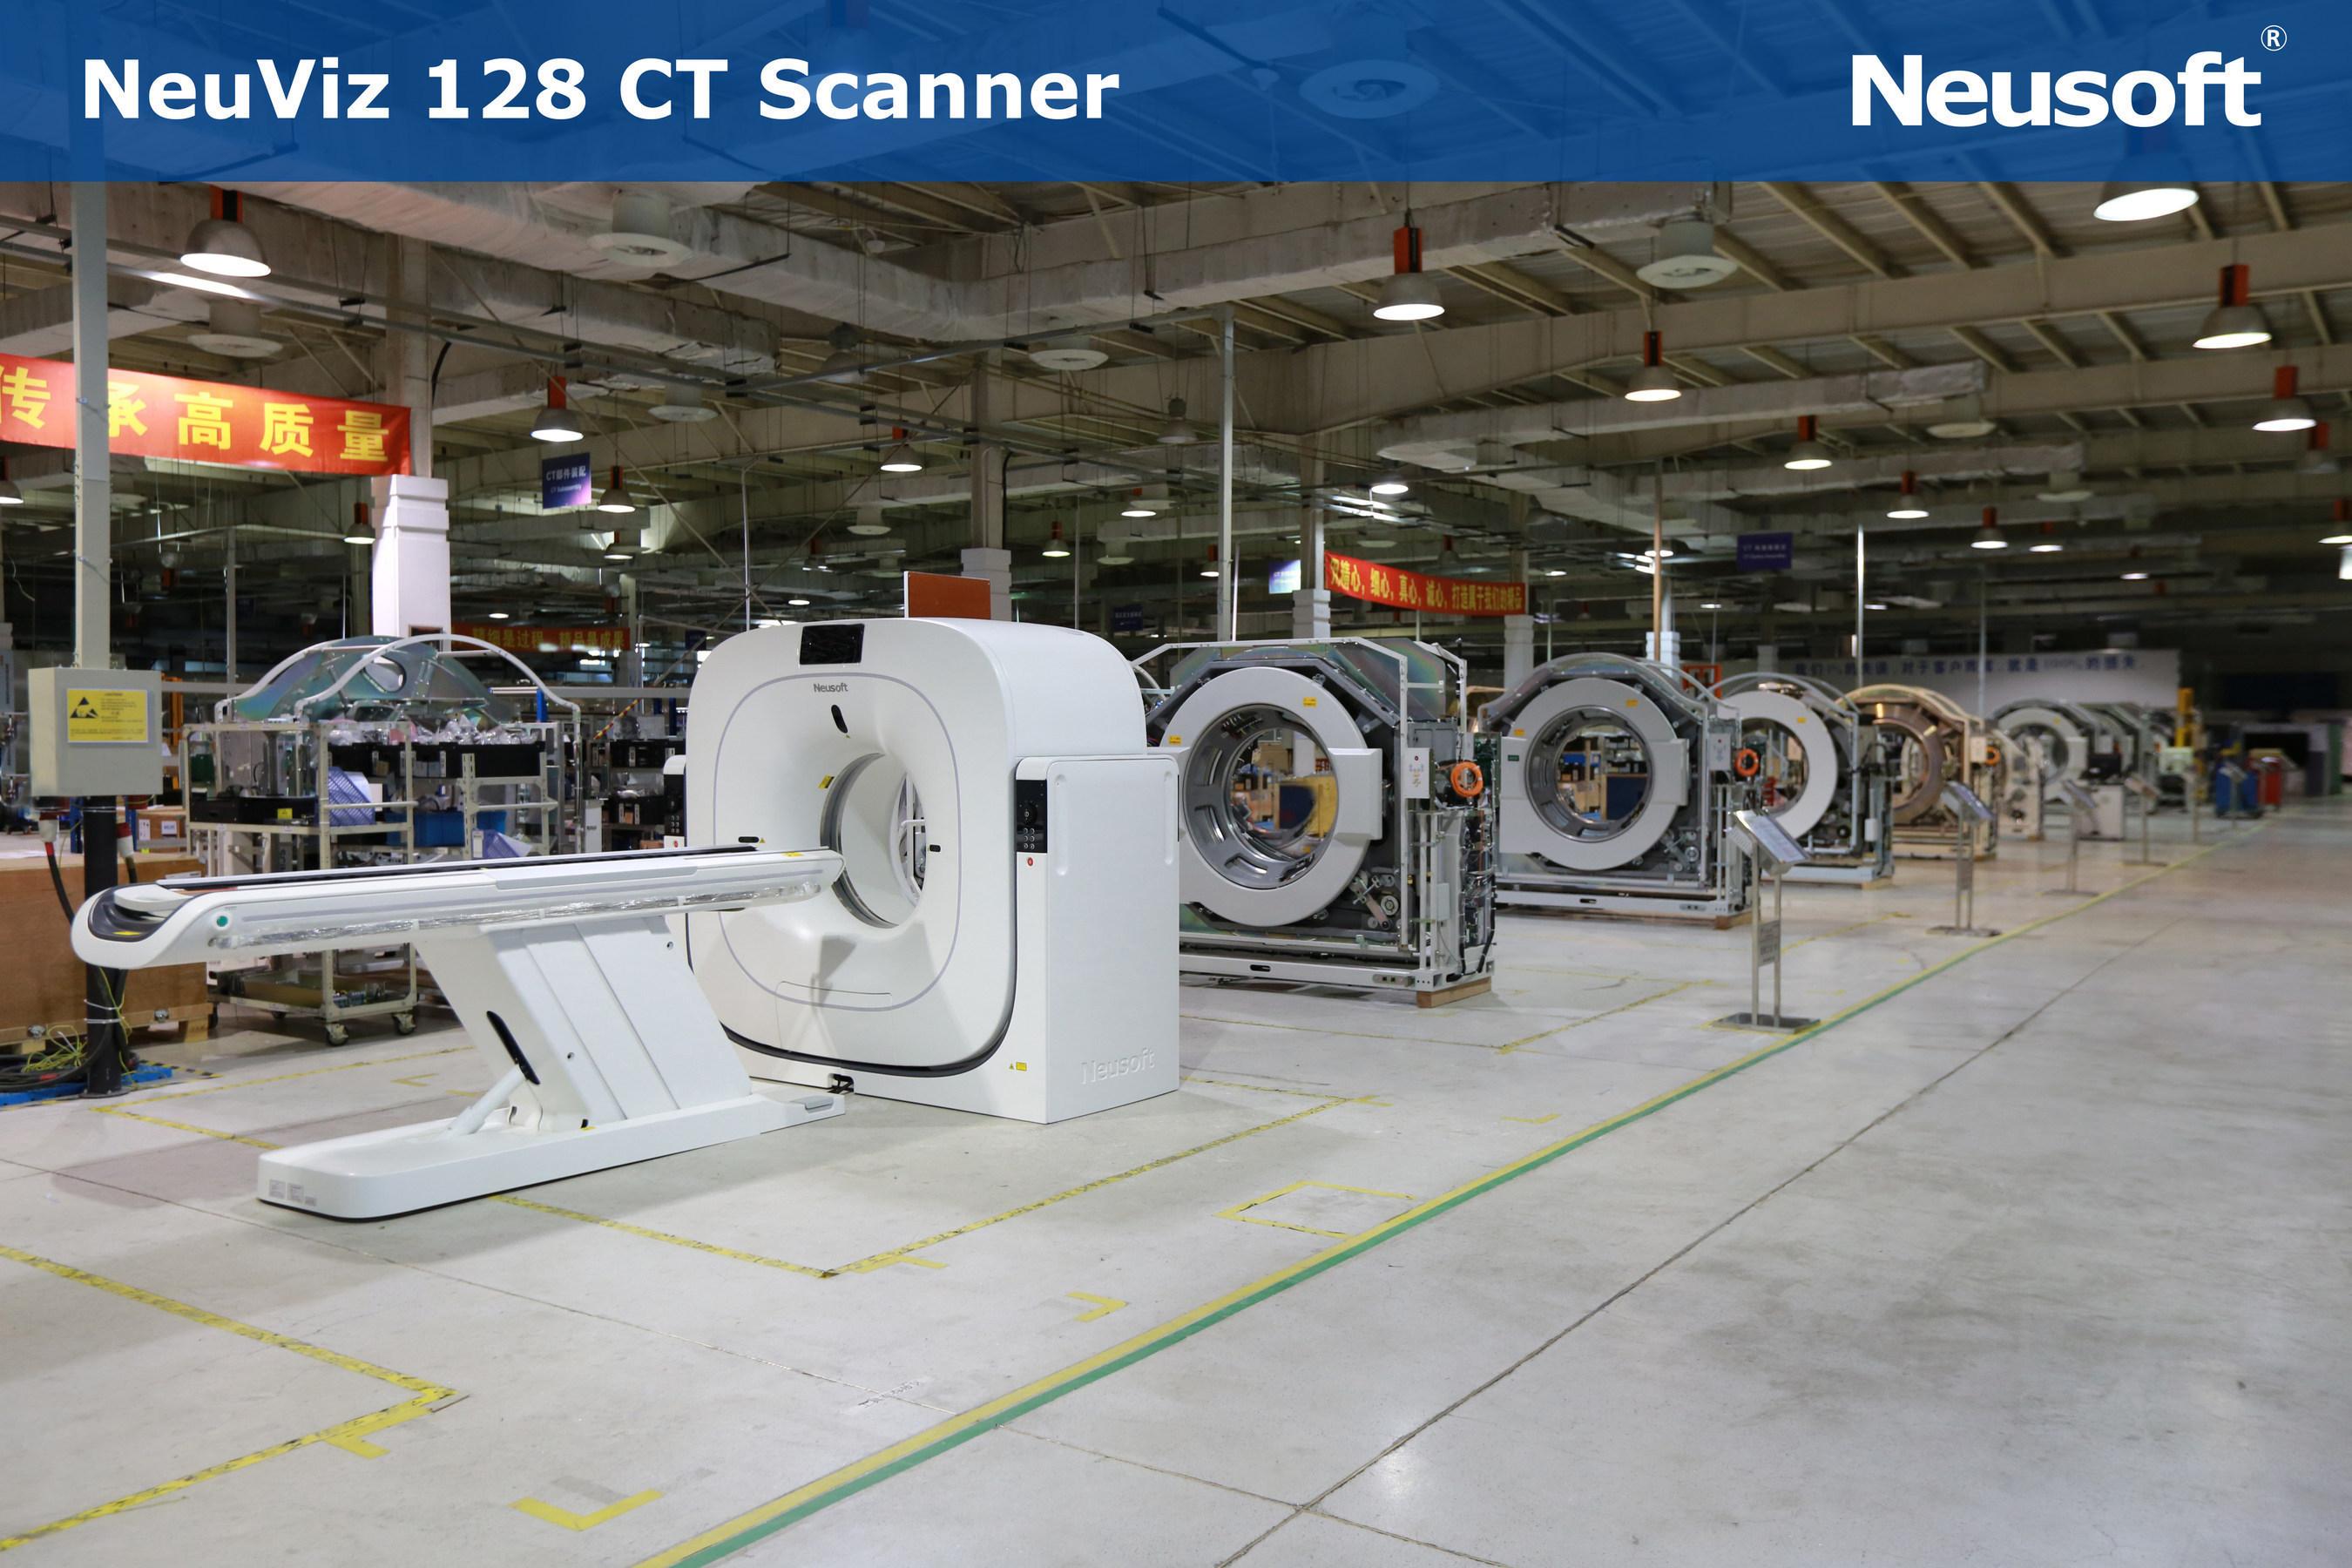 Neusoft выпускает томограф NeuViz 128 CT для международных рынков